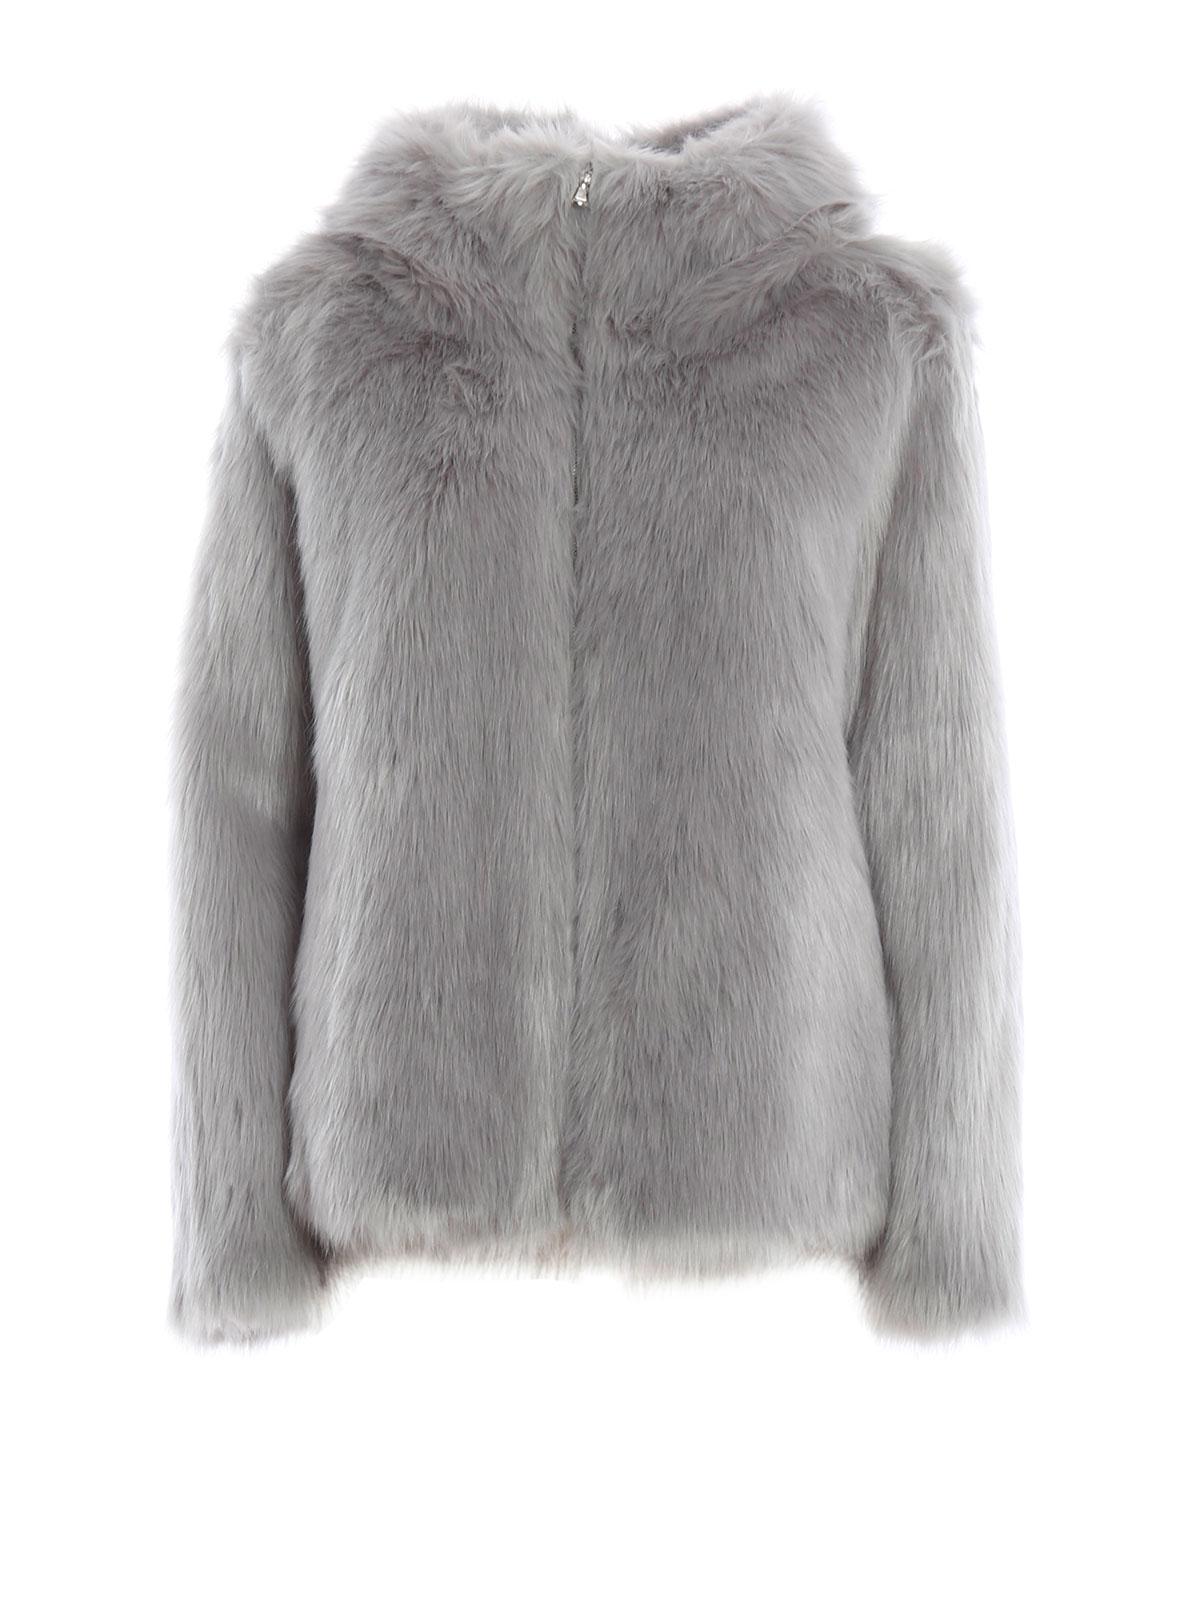 Faux Fur Short Jacket